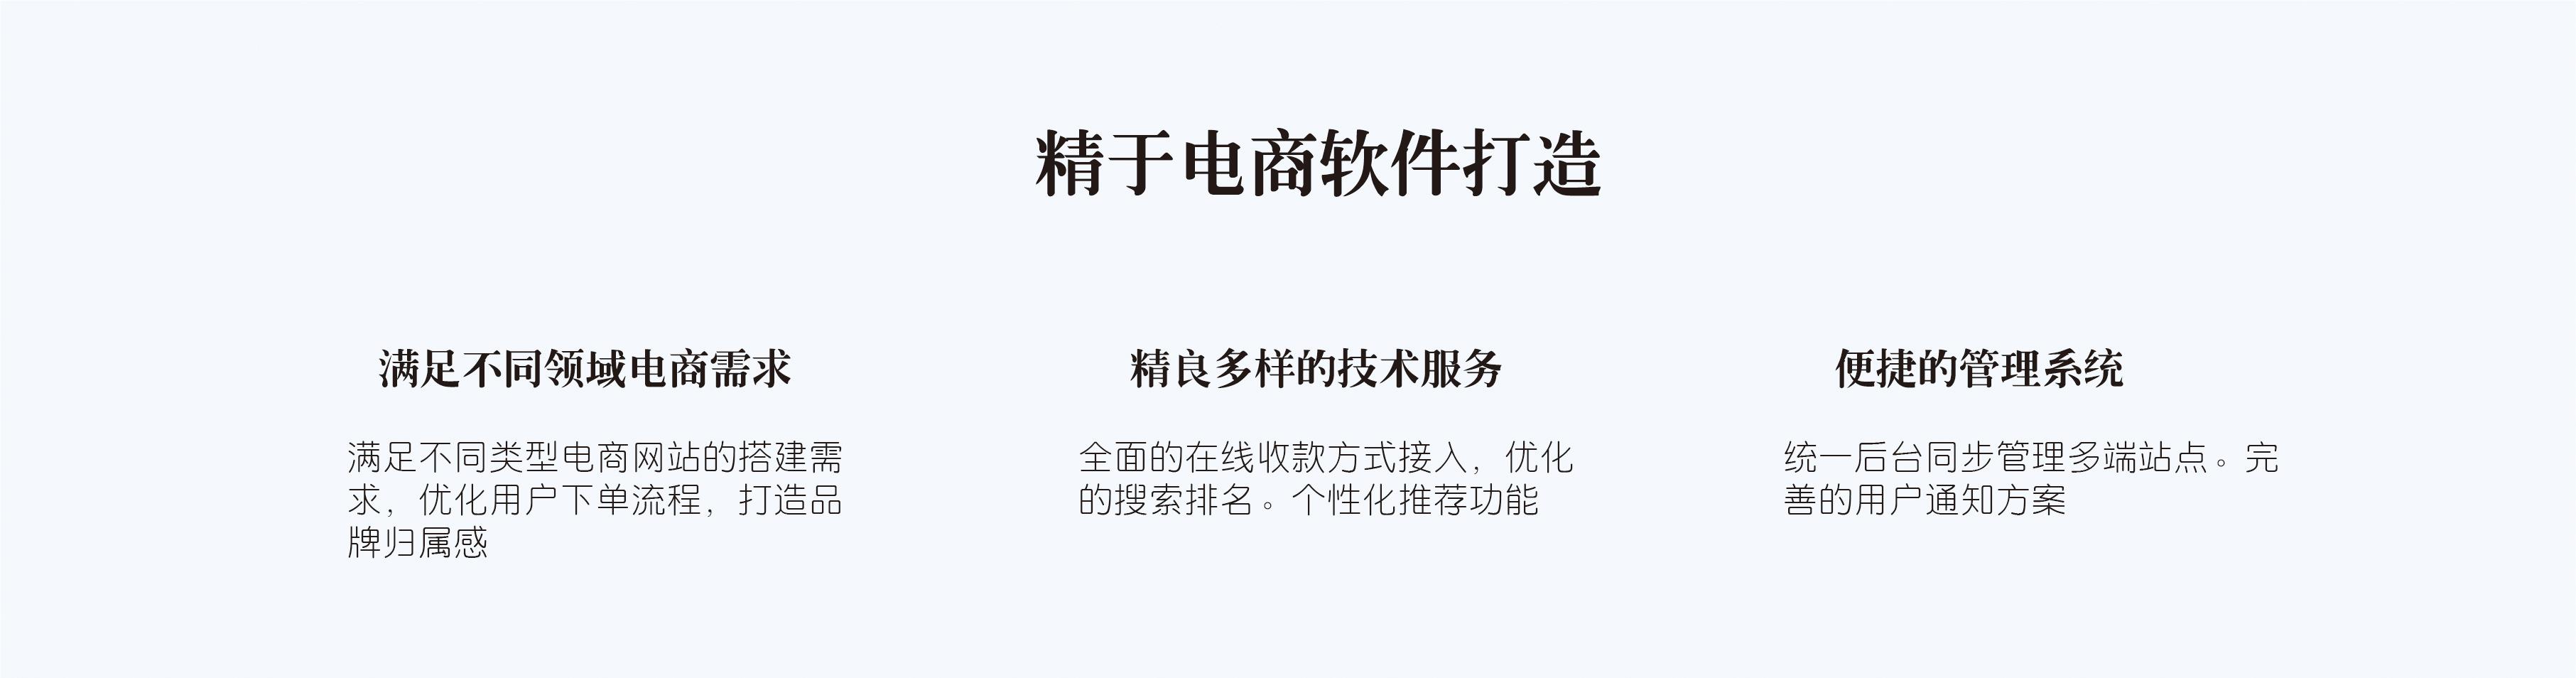 电商行业解决方案-02.jpg